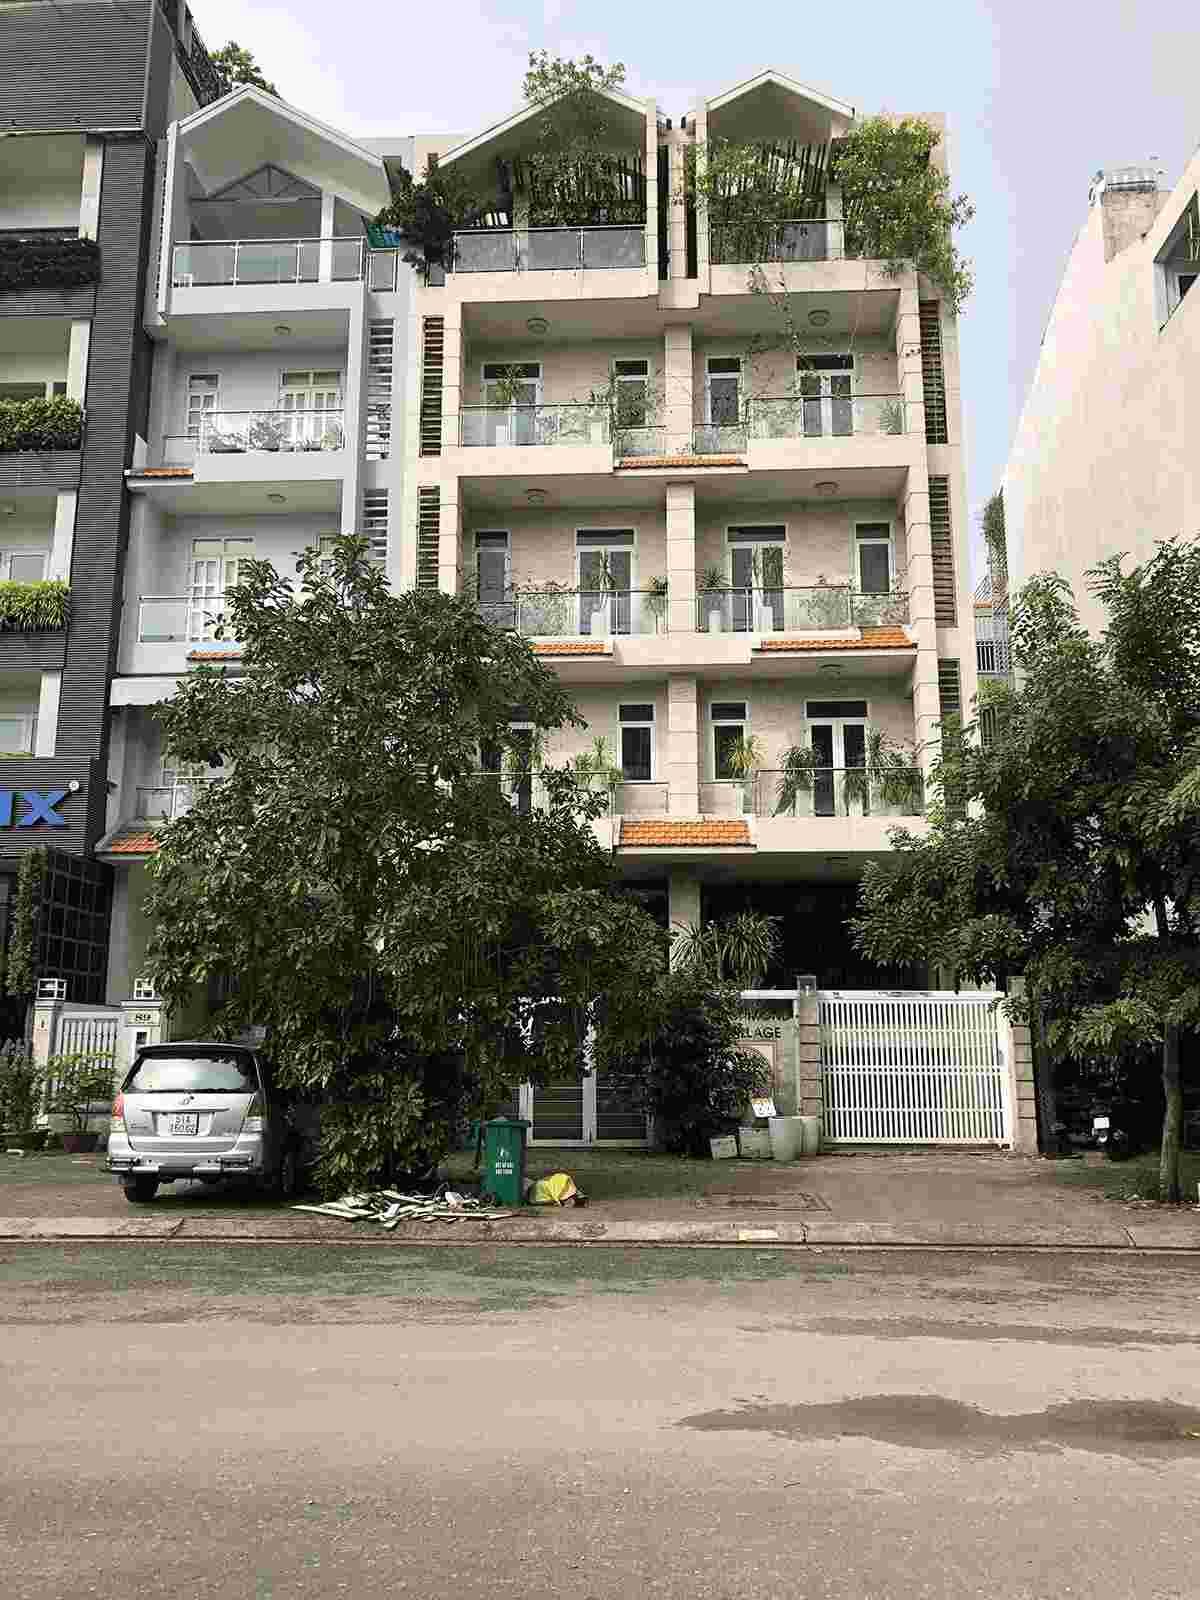 Cho thuê nhà phố nguyên căn khu Him Lam Kênh Tẻ Quận 7 mặt tiền đường  D1, tiện kinh doanh, giá 65 triệu/m2. LH: 0913.050.053